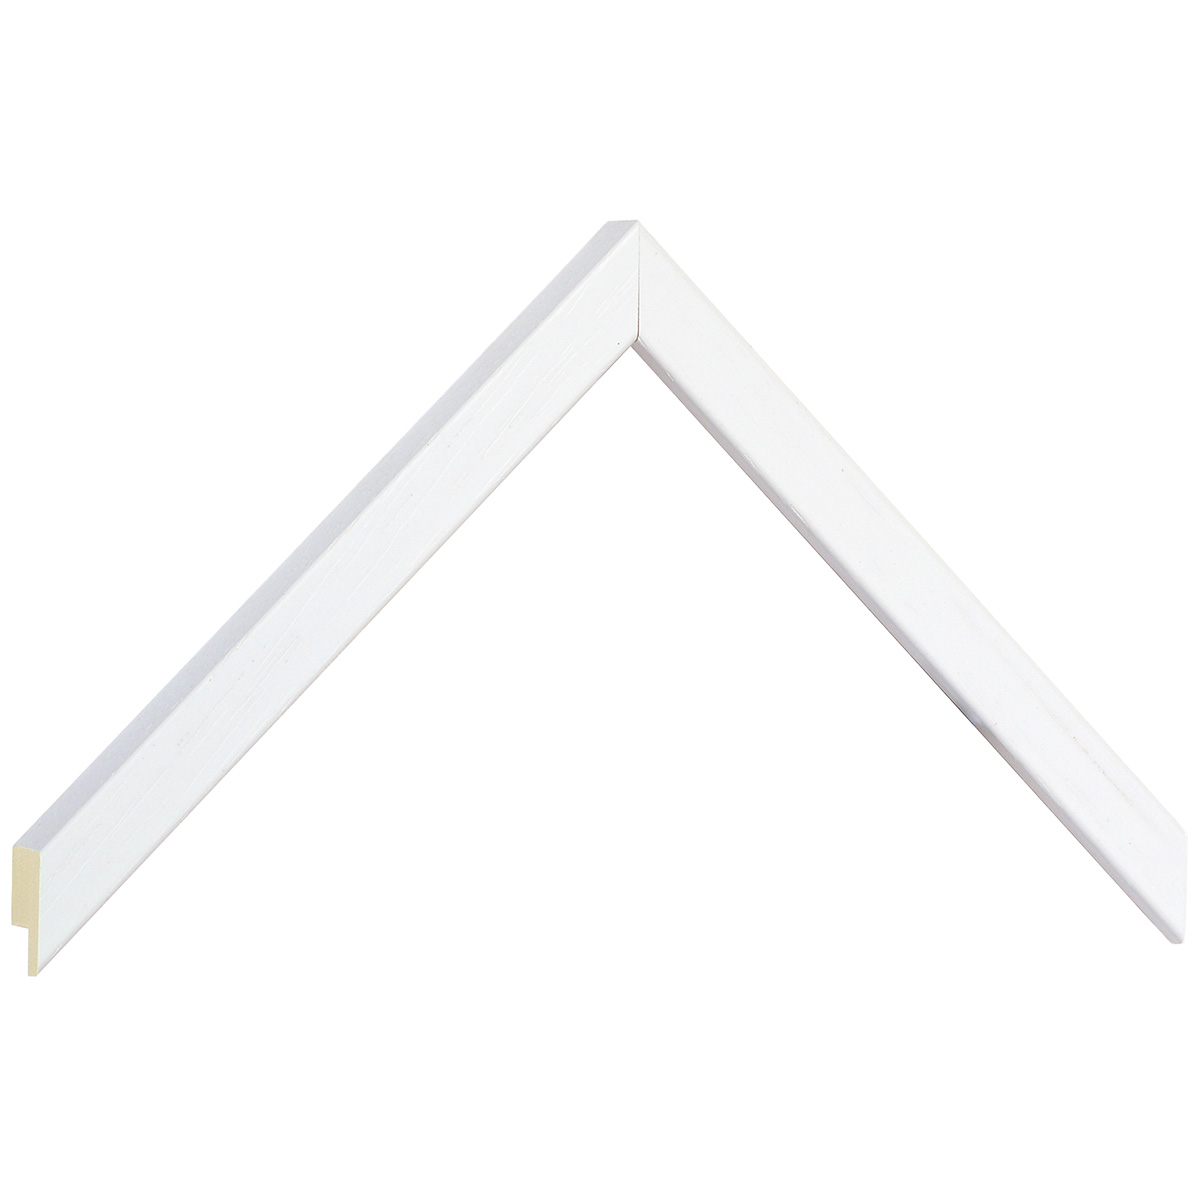 Moulding ramin width 15mm height 14 - white, open grain